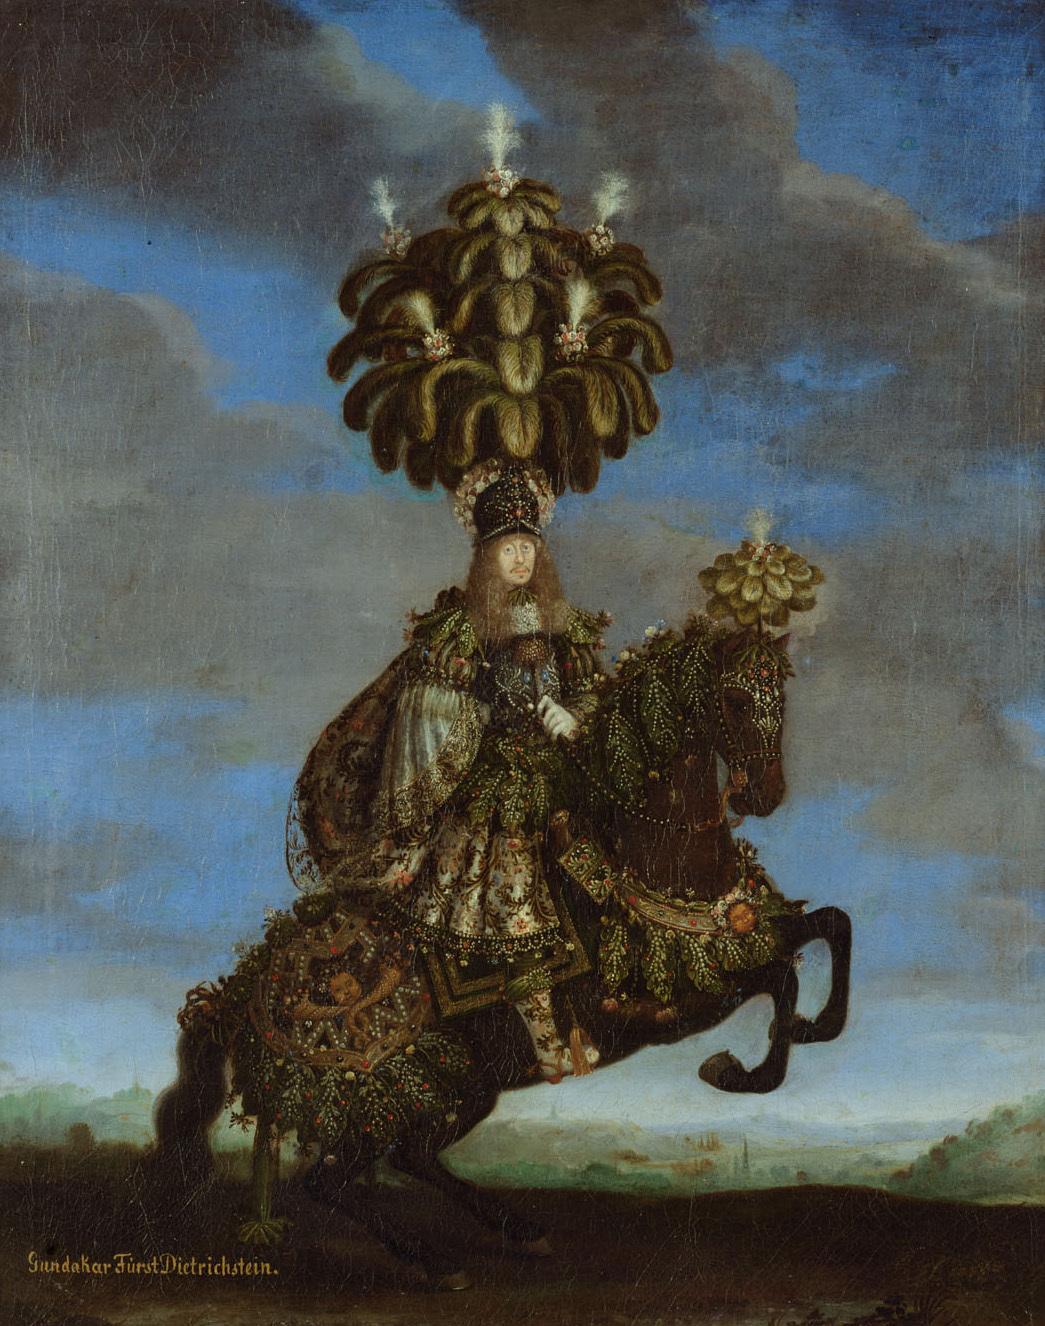 Gundakar Fürst Dietrichstein (1623-1690) von Jan Thomas